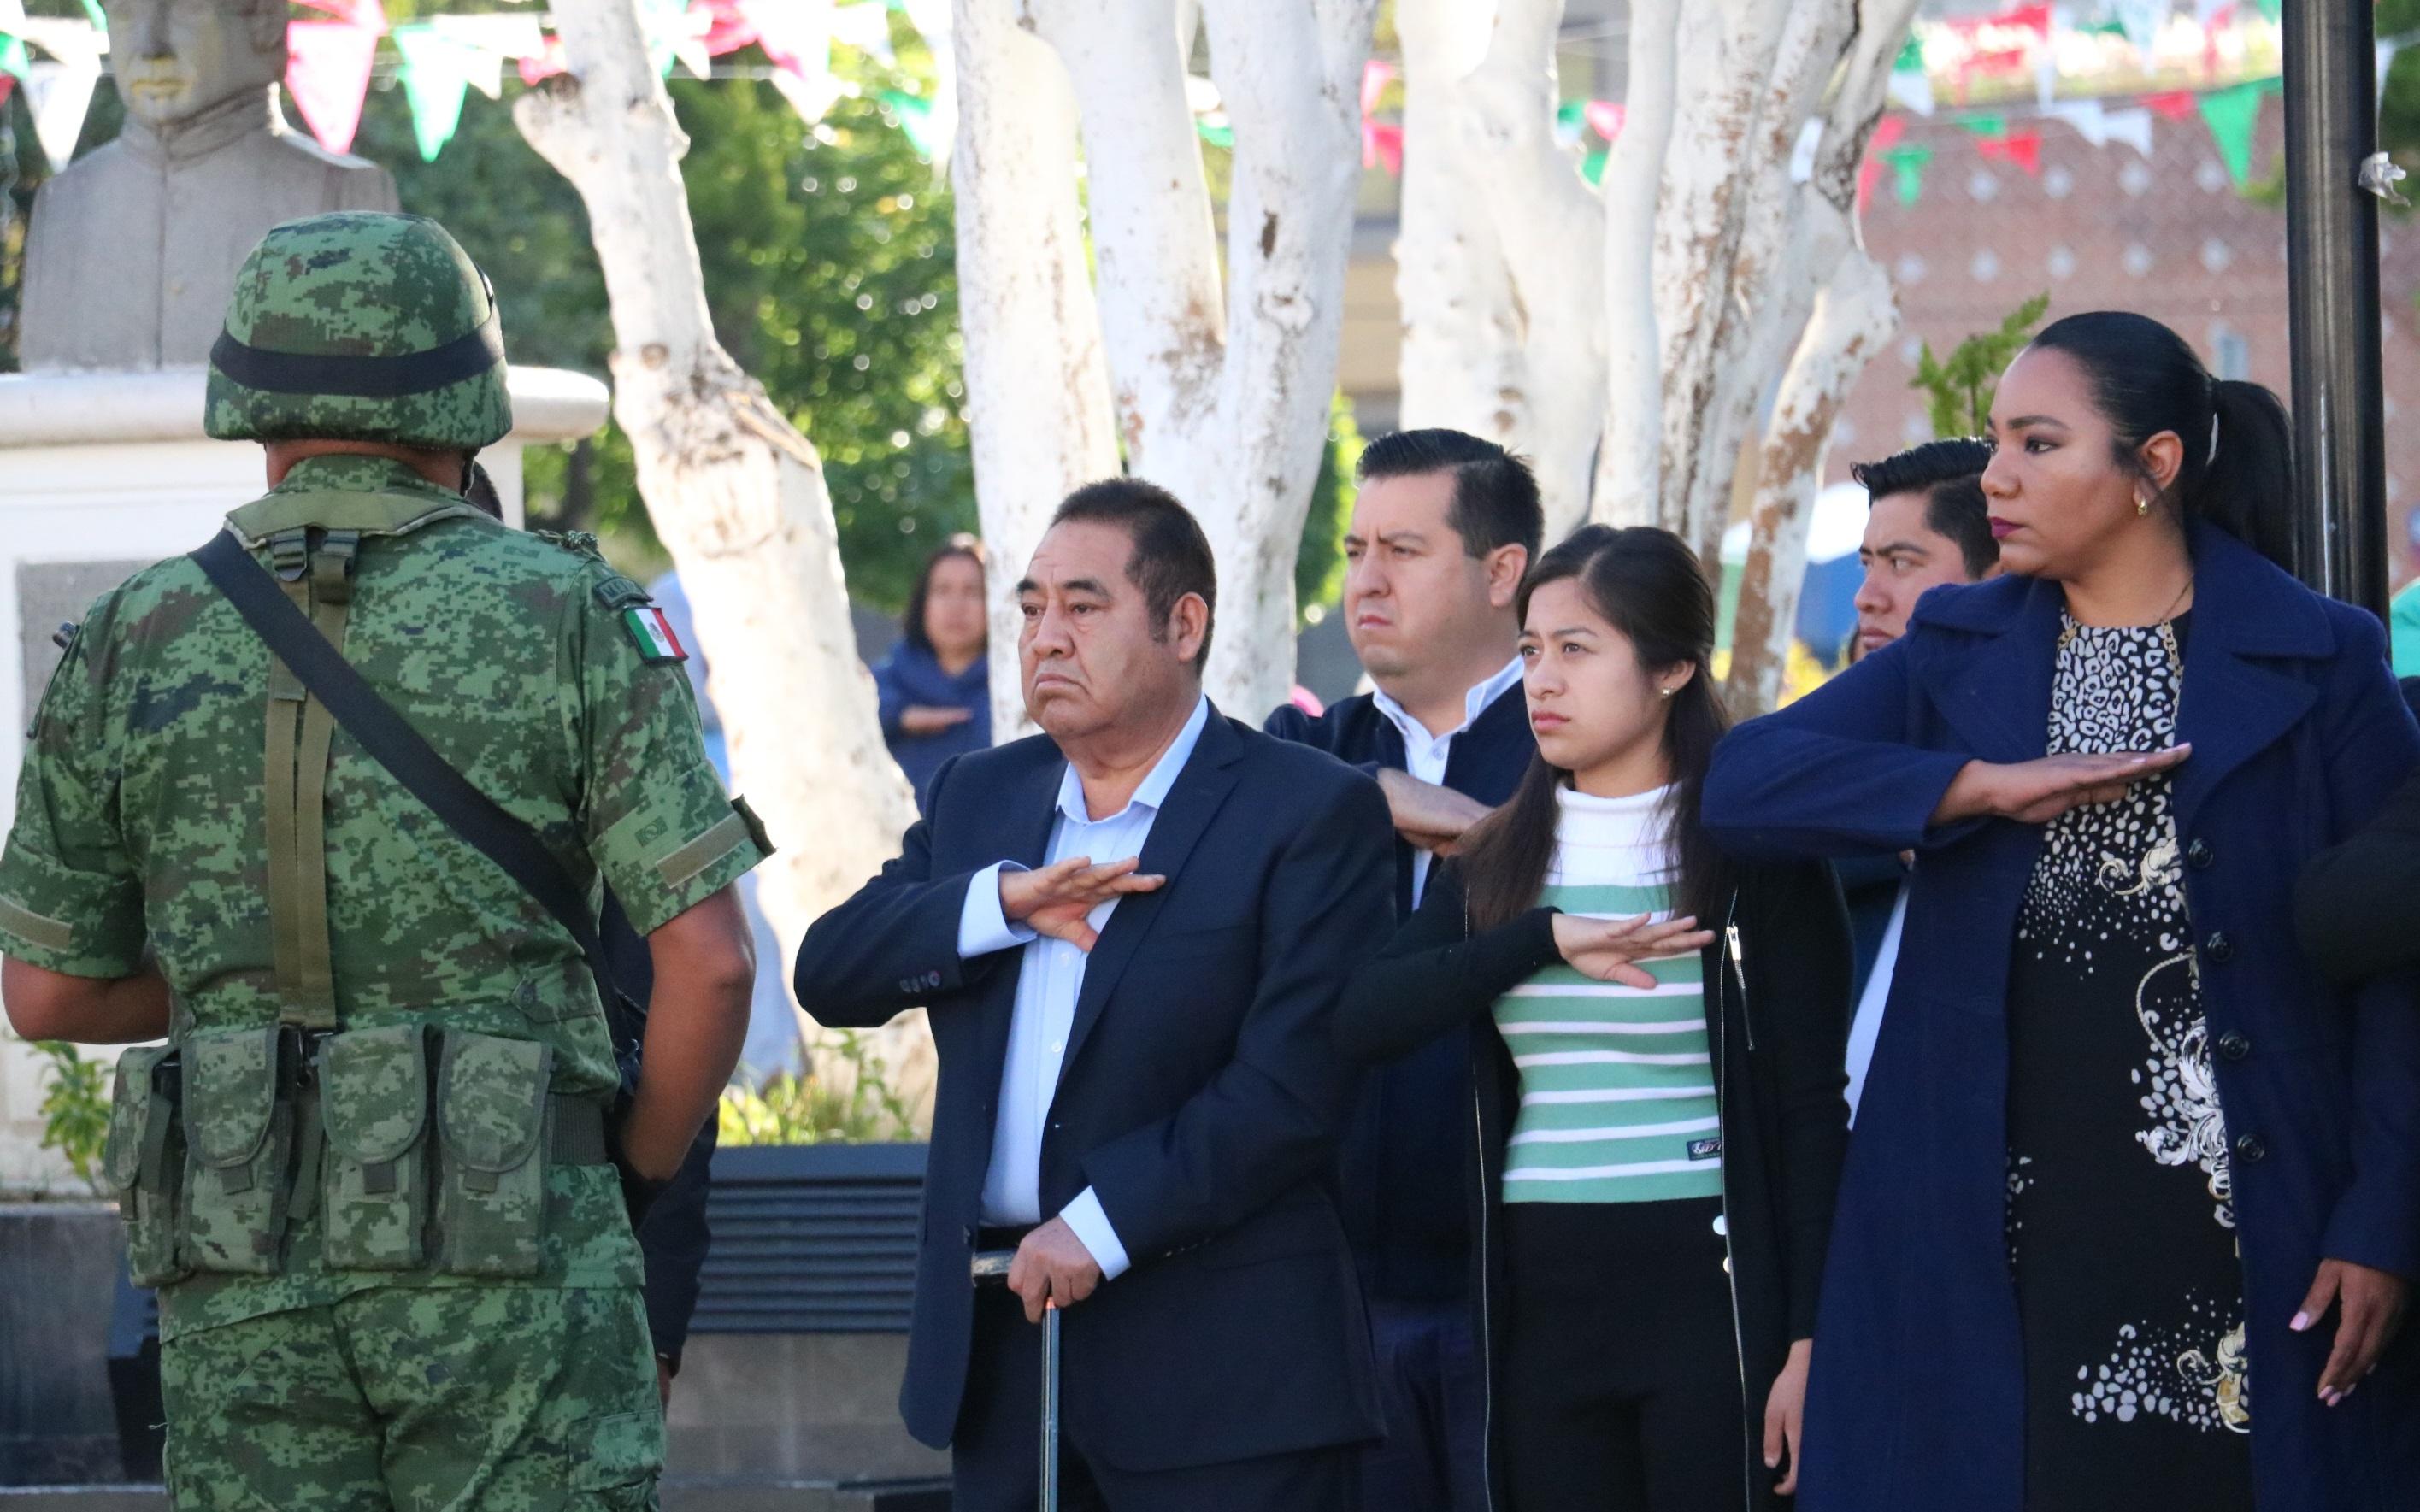 Conmemoran en Amozoc a Niños Héroes de Chapultepec